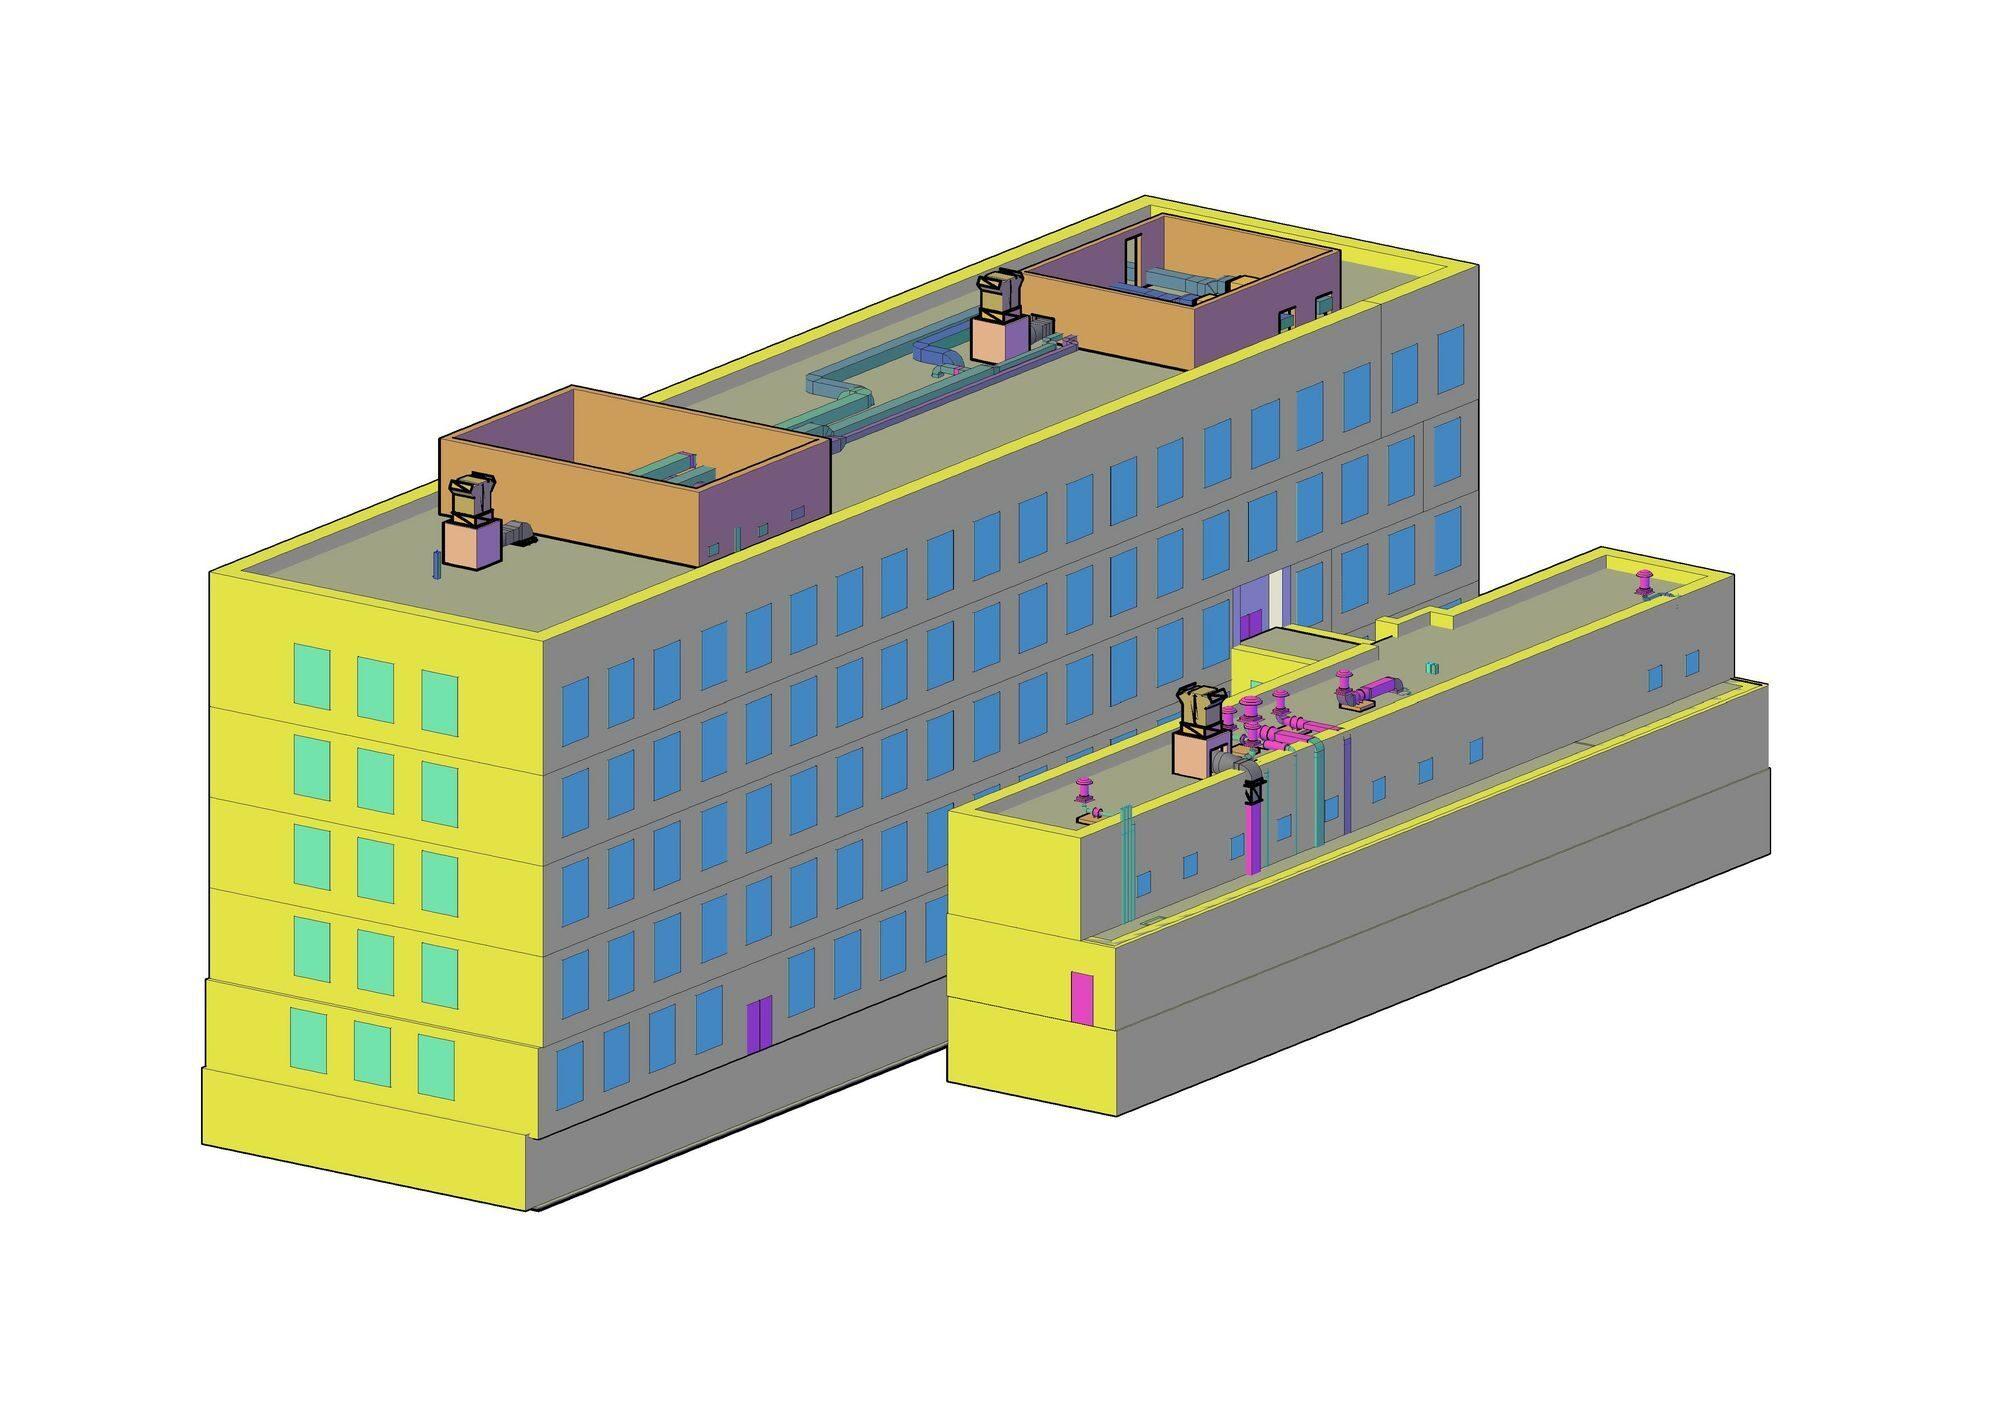 Наши работы кондиционирование вентиляция отопление водоснабжение услуги проектирование мо дать объявление в липецке